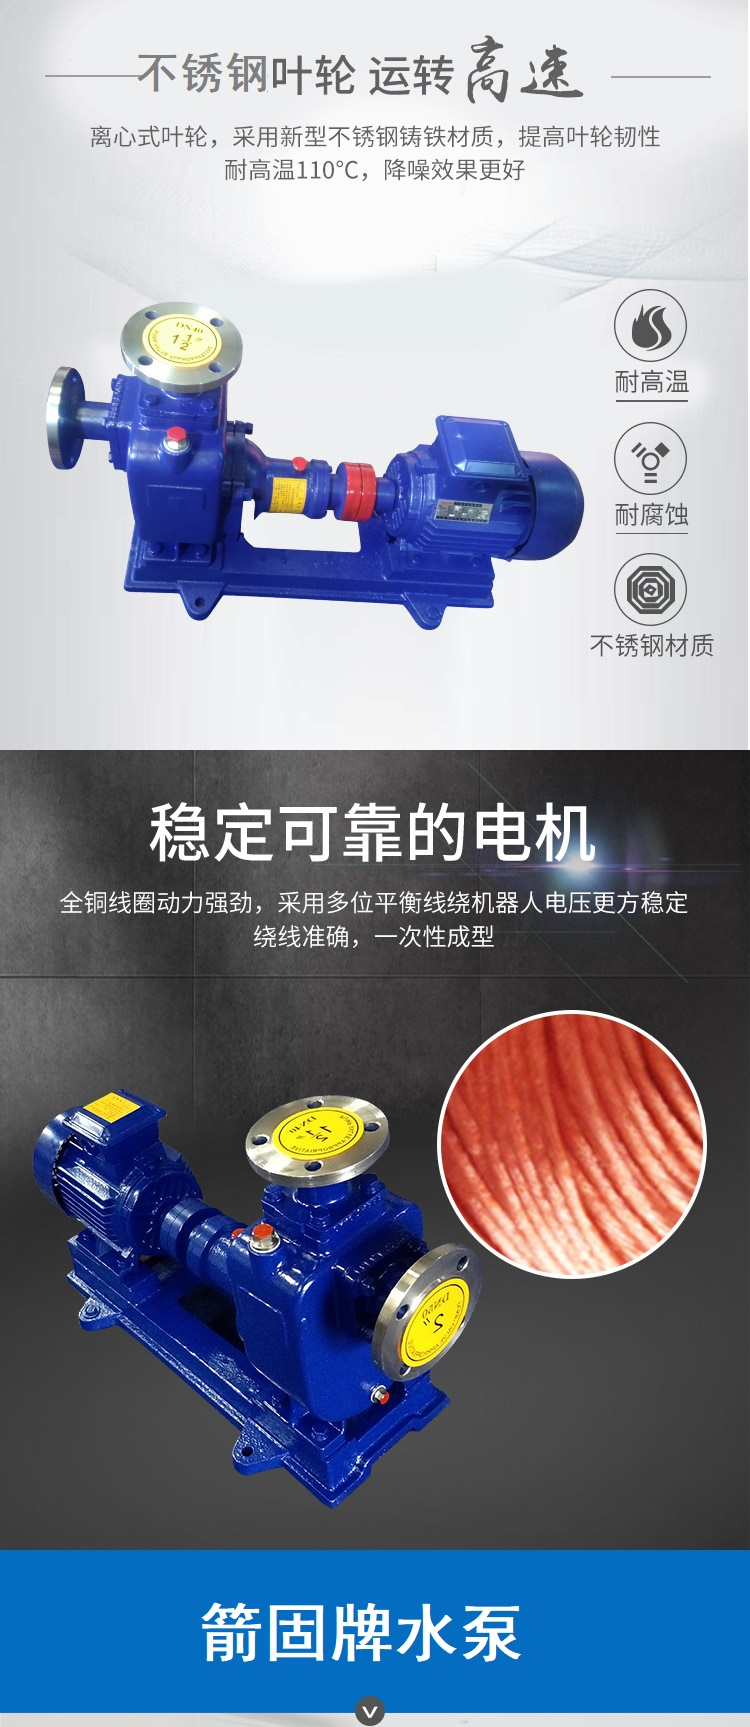 ZXPB不锈钢防爆自吸泵特点